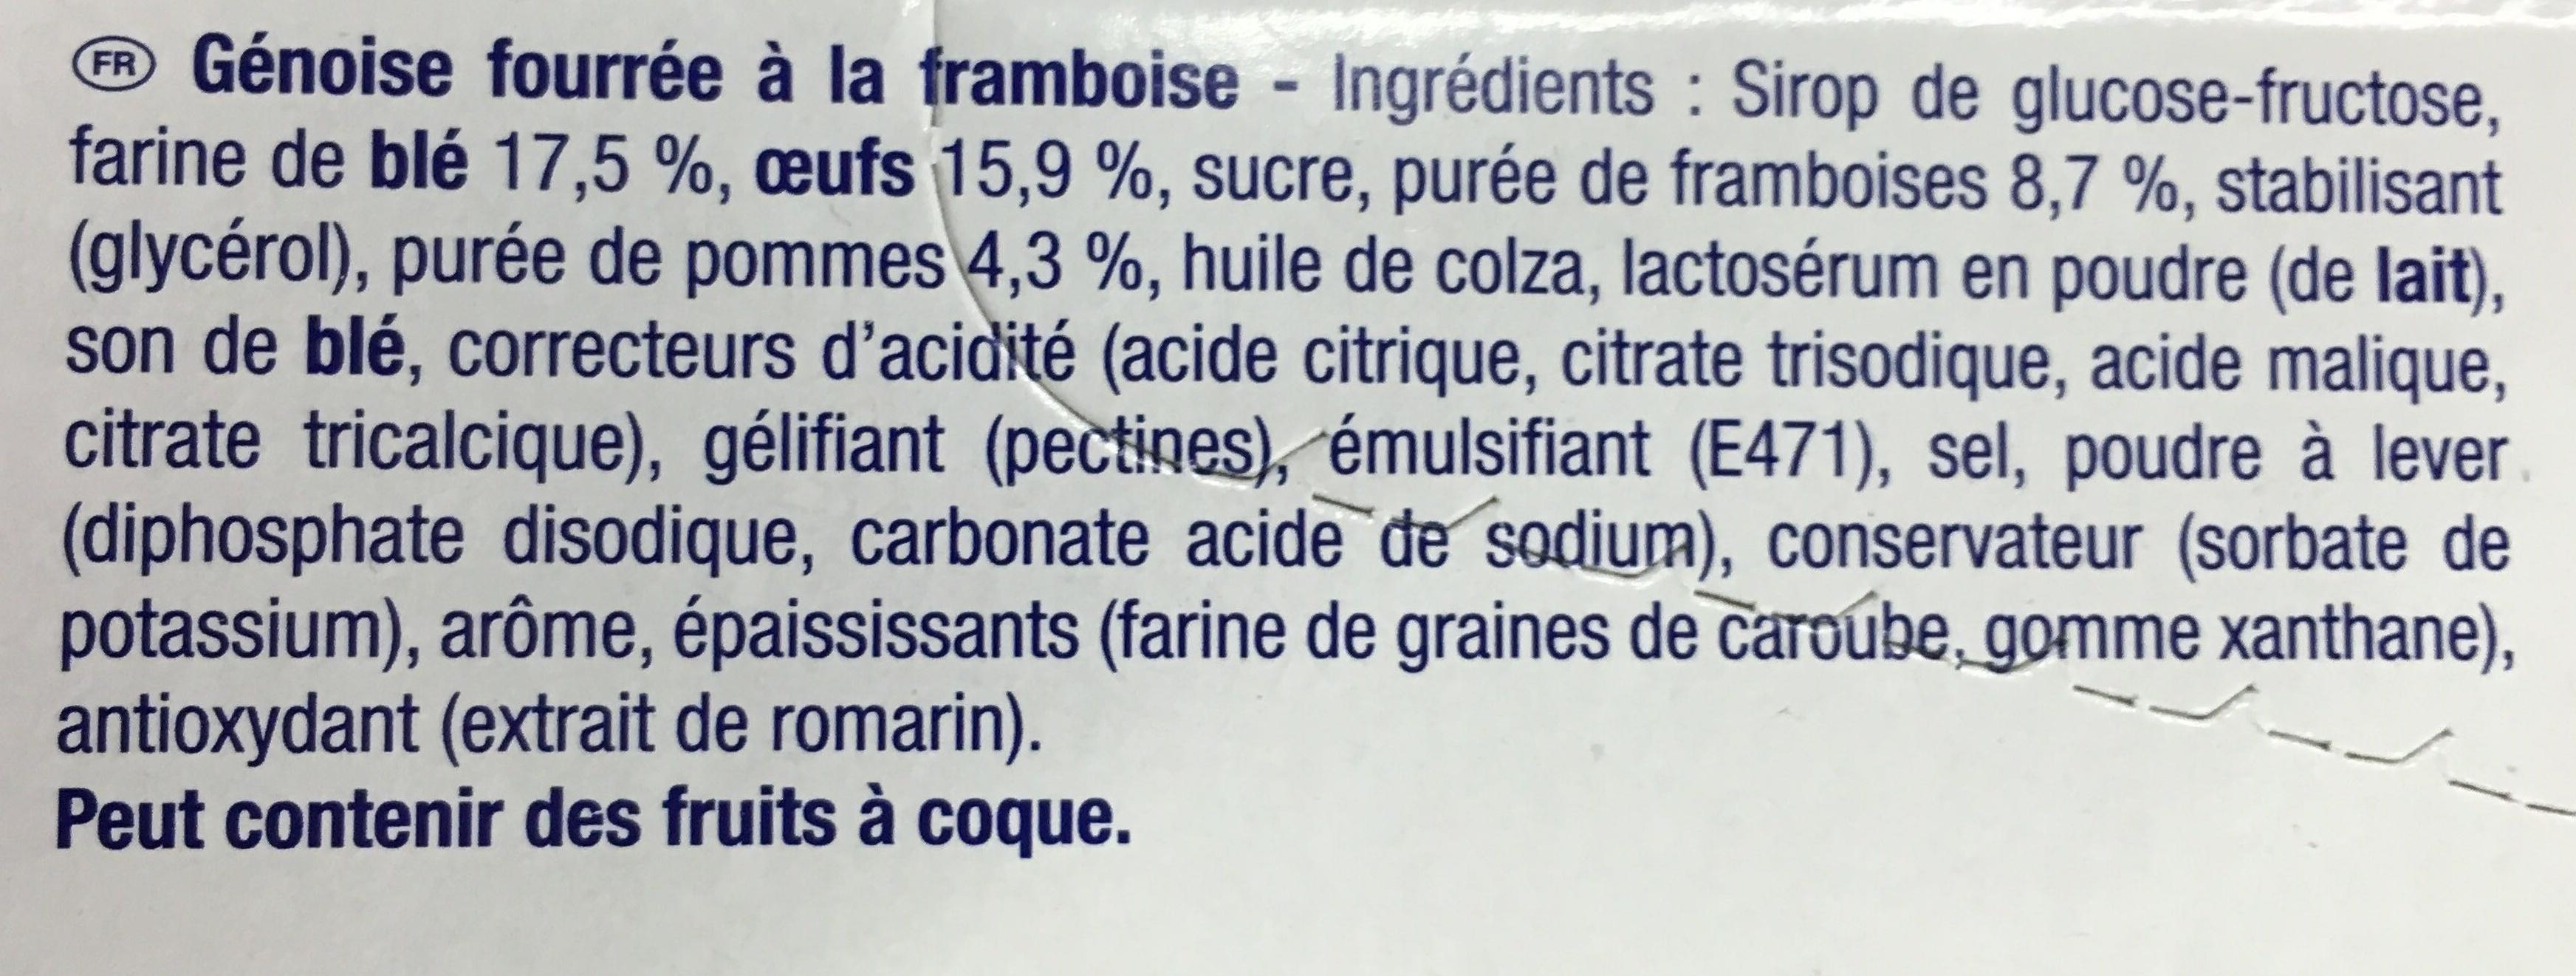 Miniroulés aux Framboises - Ingrédients - fr